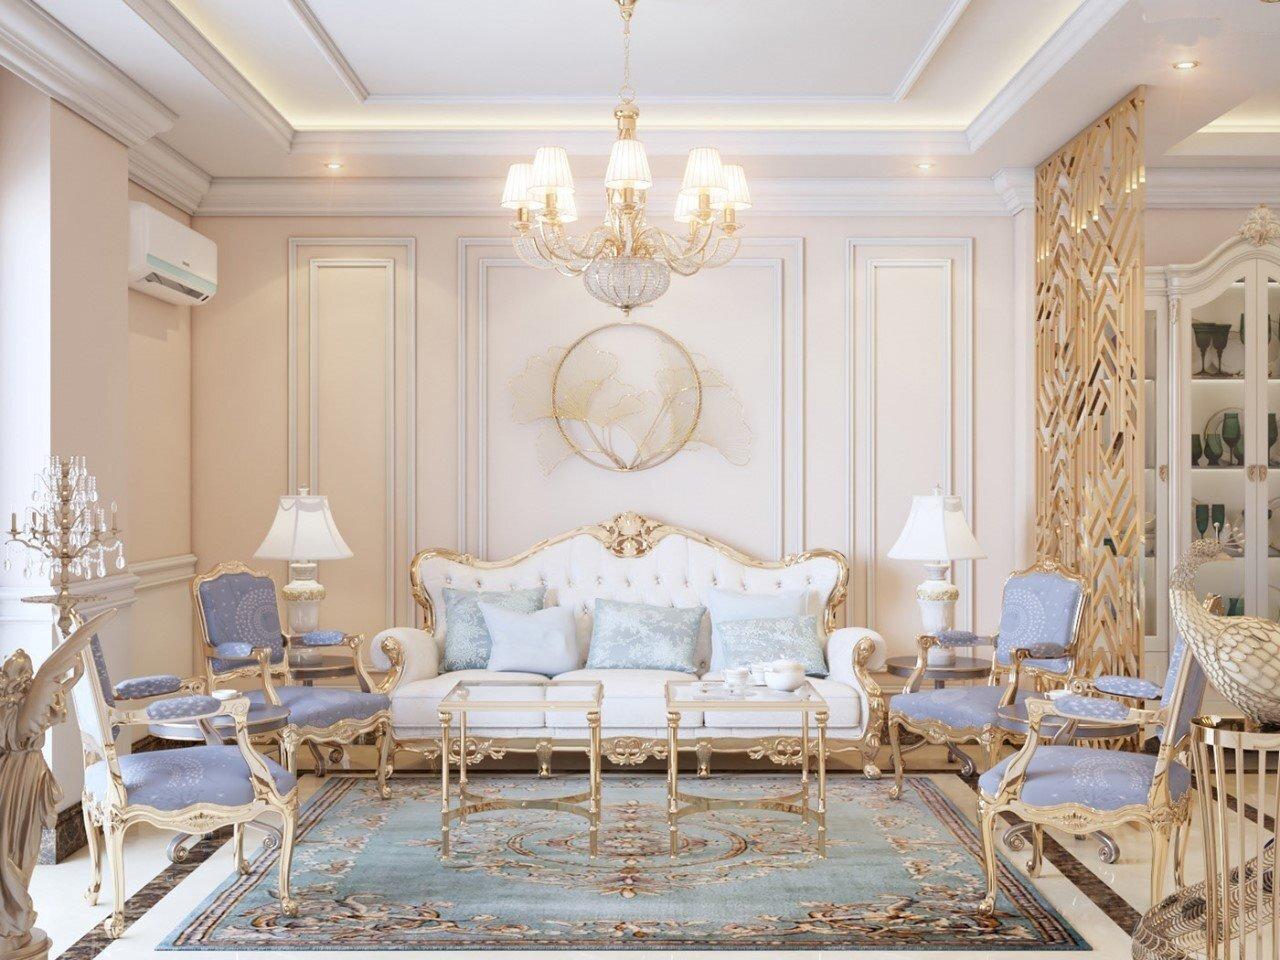 20 mẫu nội thất phòng khách tân cổ điển được nhiều người ưa chuộng nhất